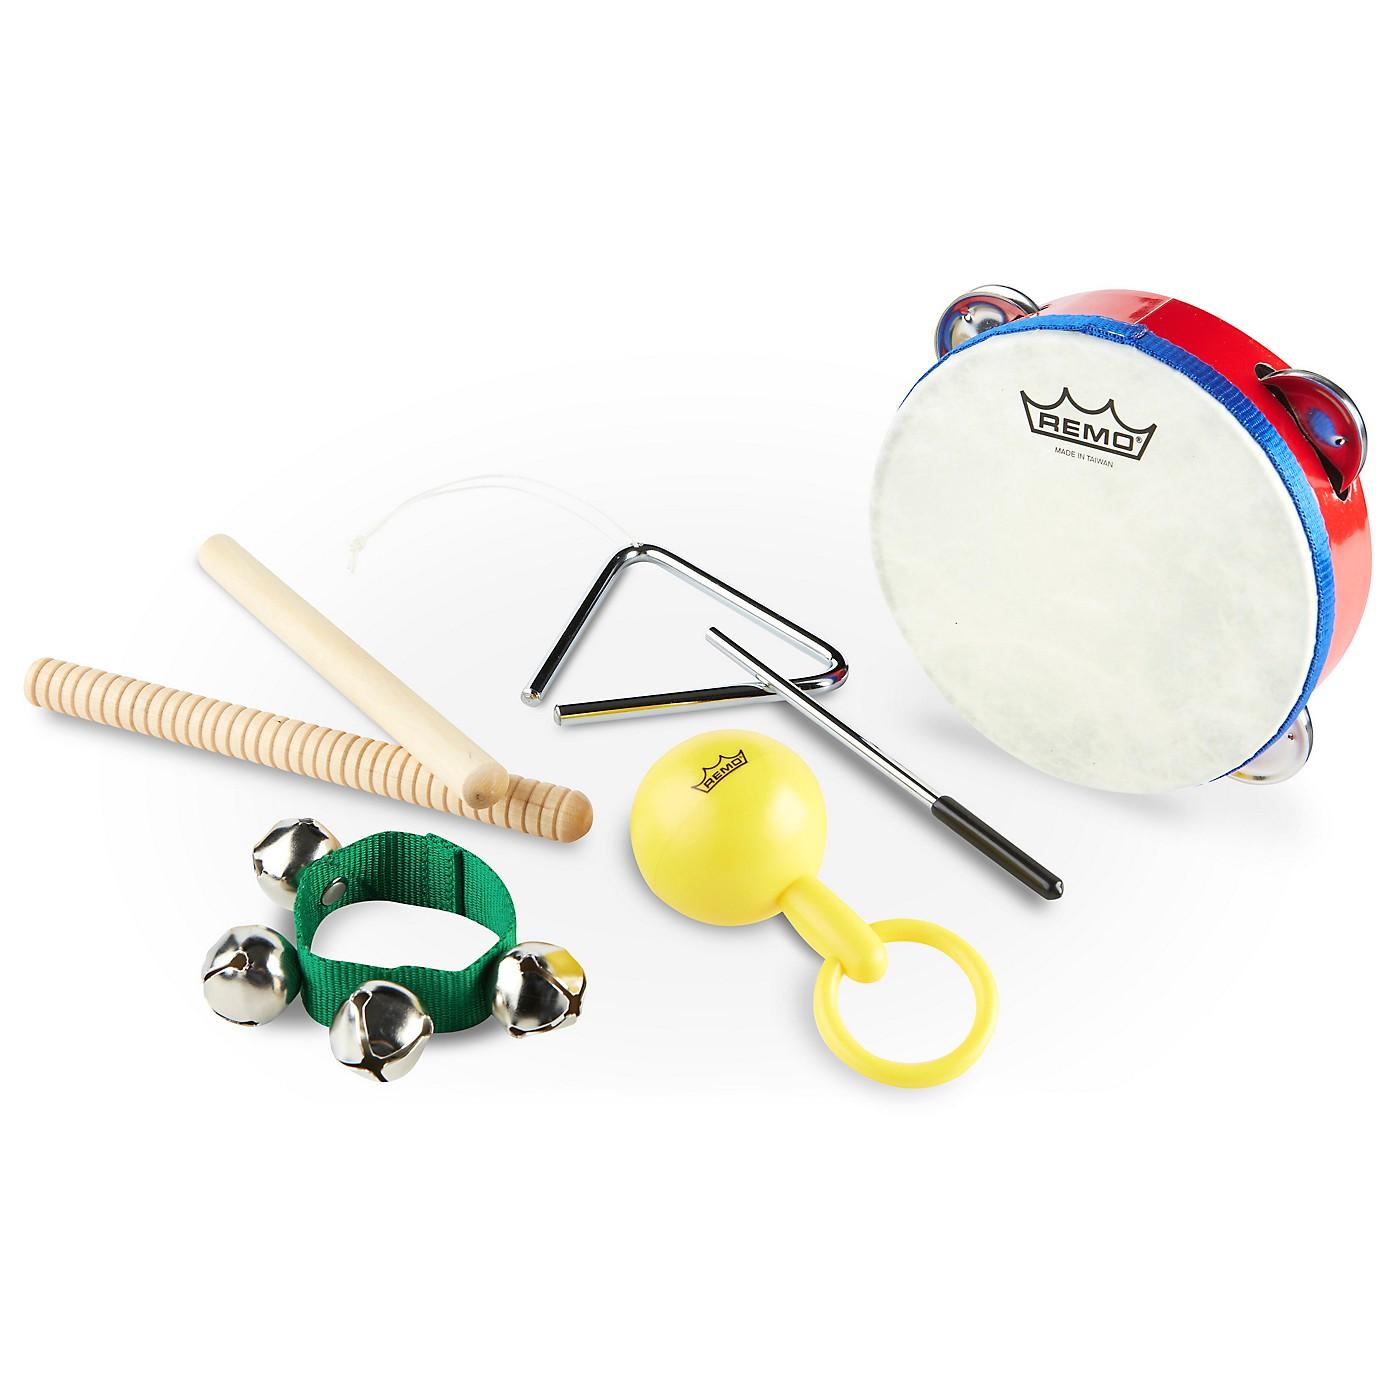 Remo Kids Make Music Kit thumbnail